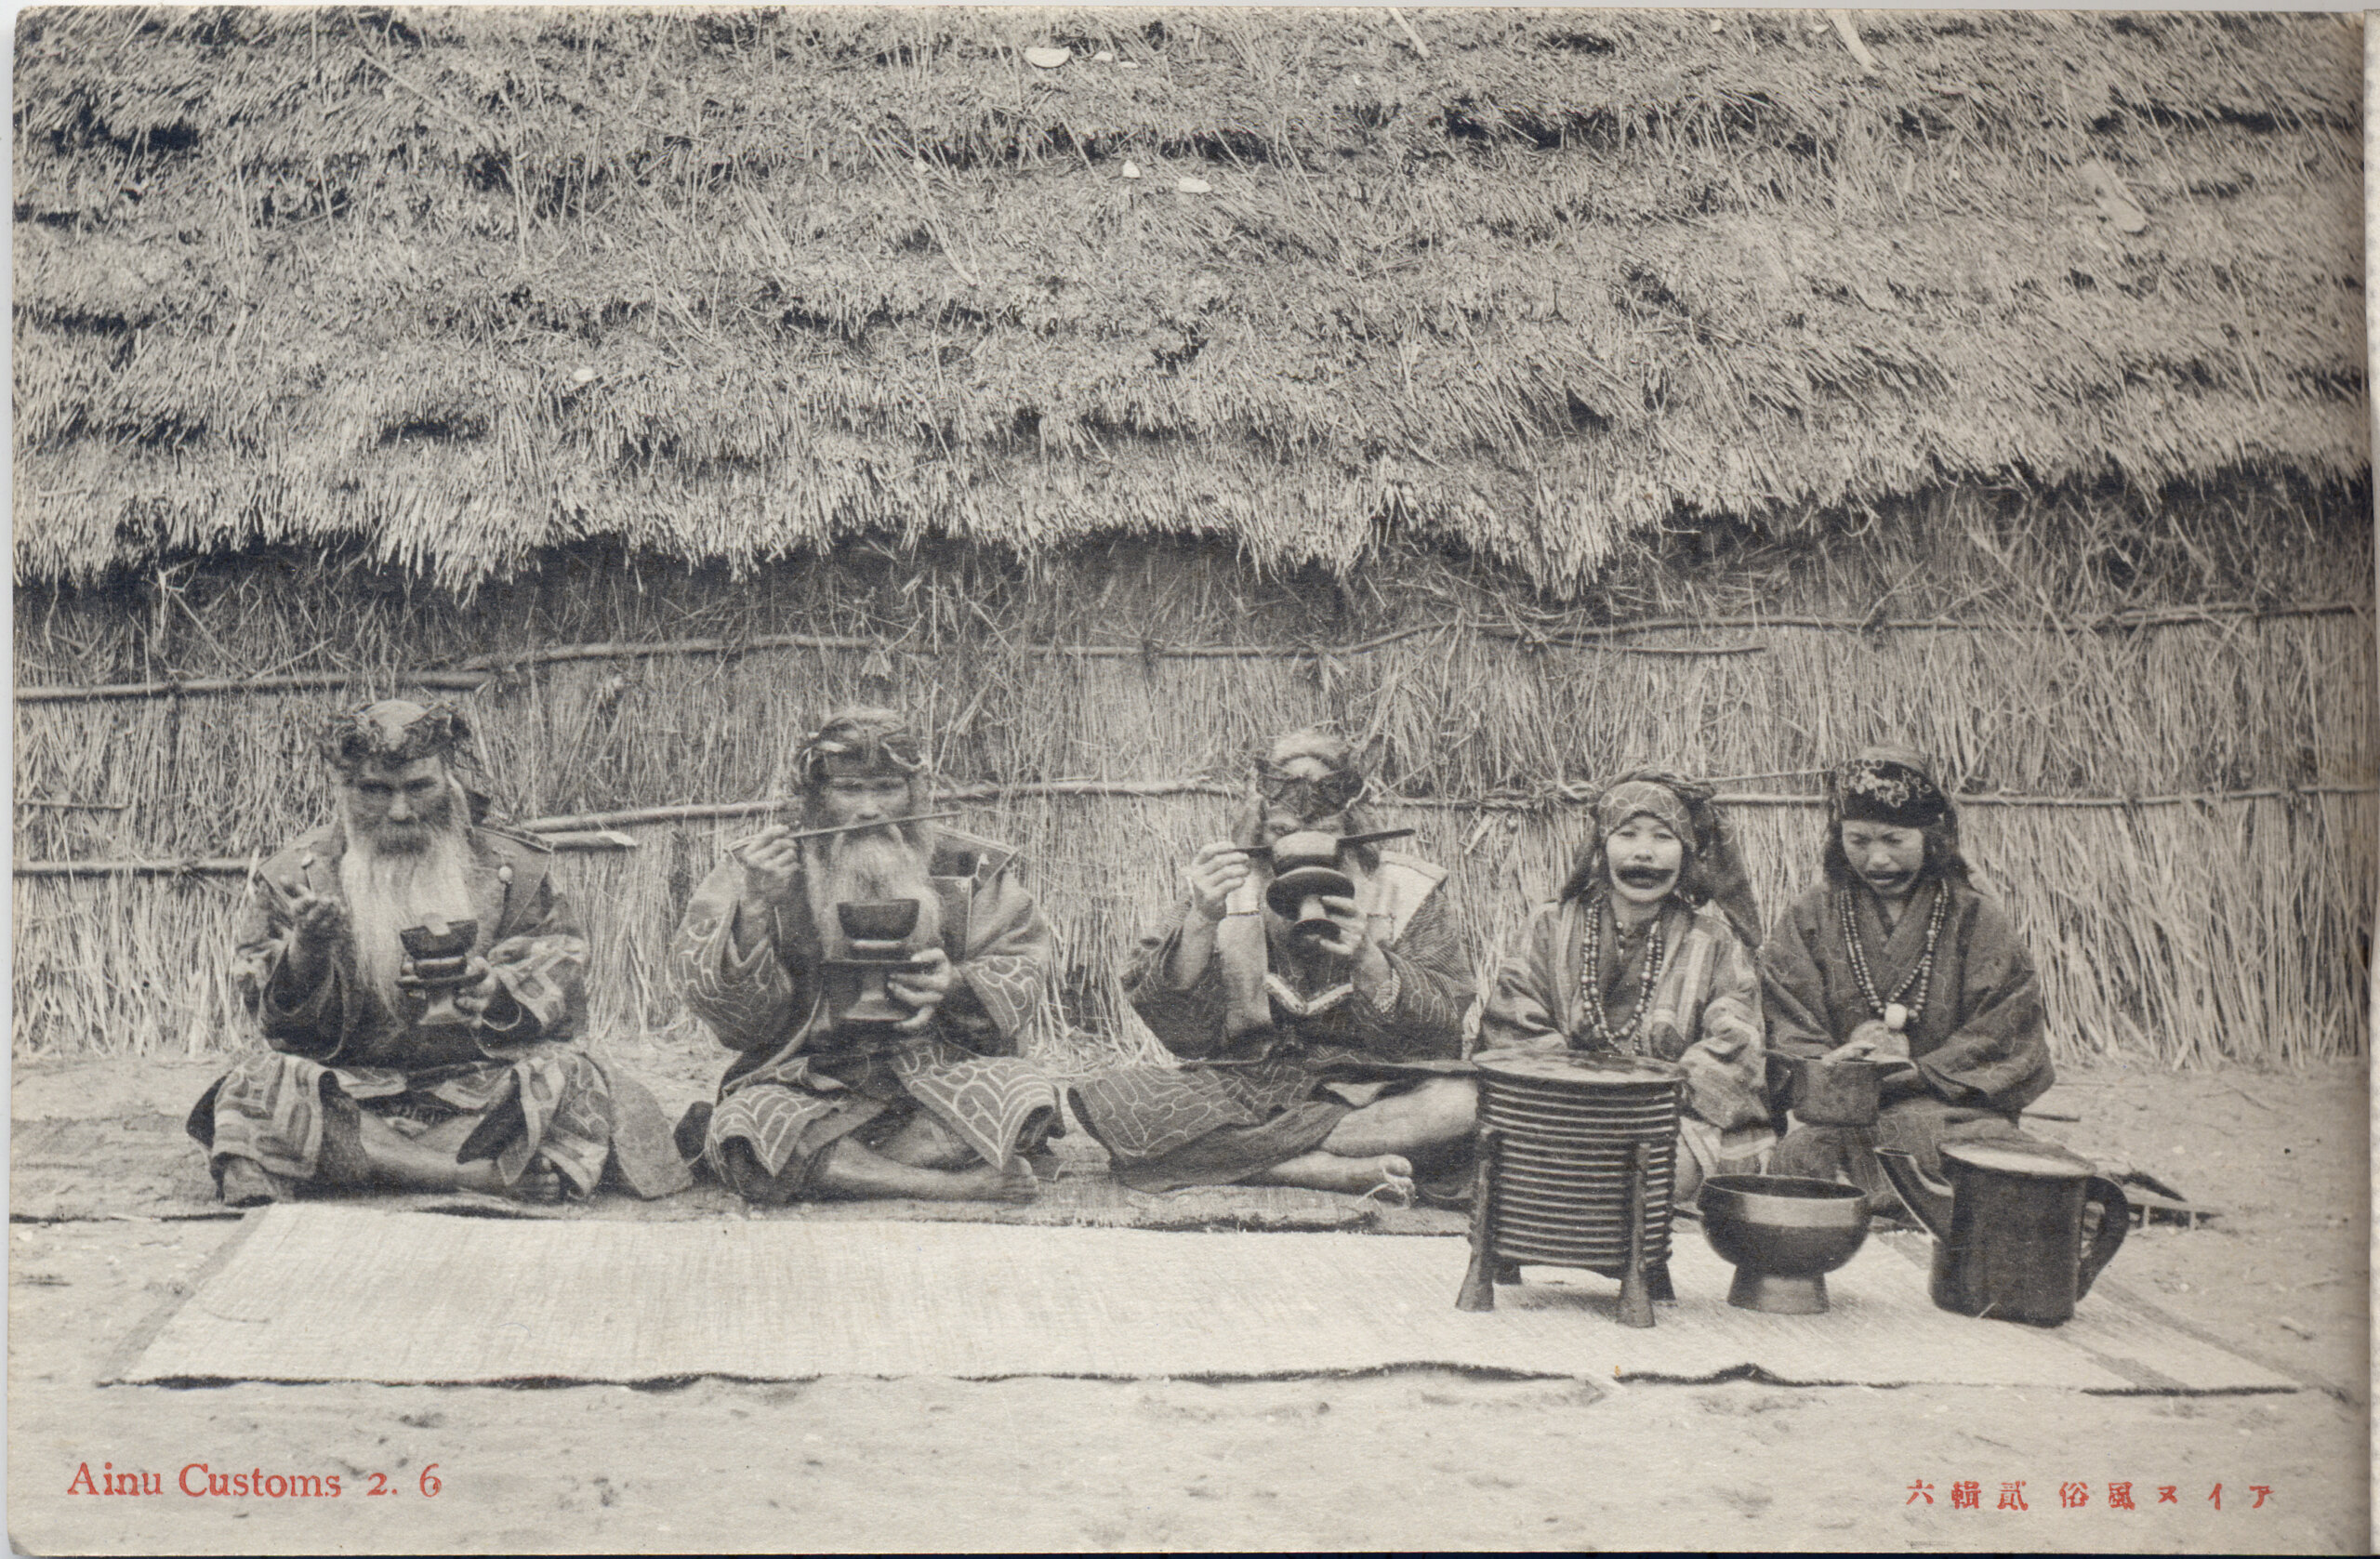 愛努男女舉行婚禮的樣子。愛努的女性在結婚前,有於嘴邊、手背、手臂等處刺青的習慣。©函館市中央圖書館